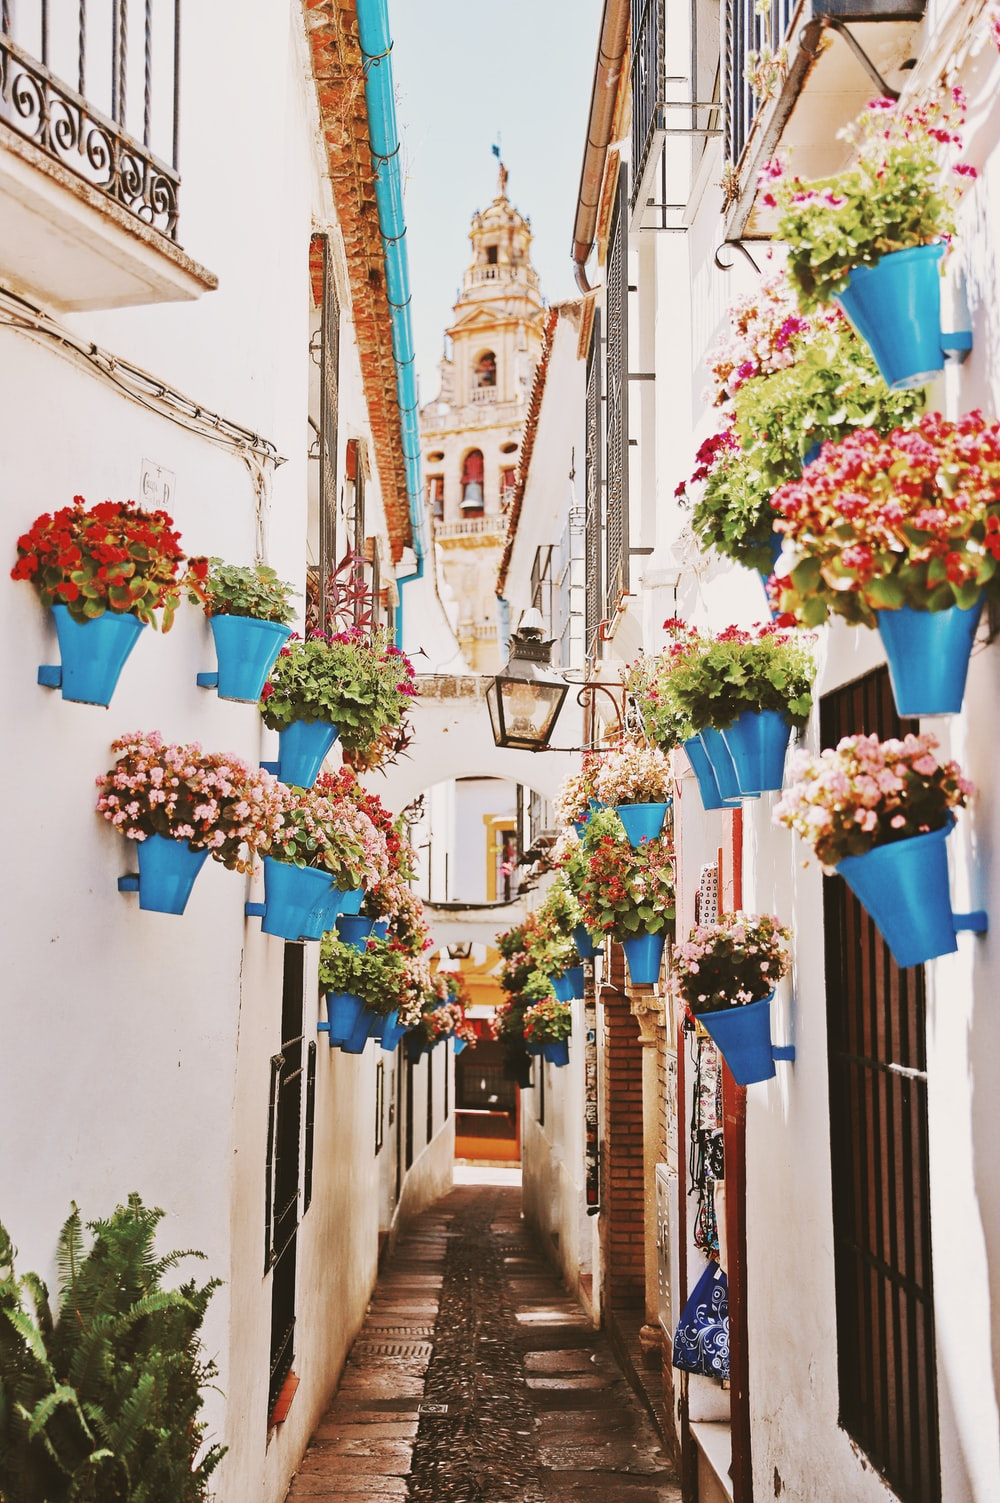 blue plant pots with plants photo